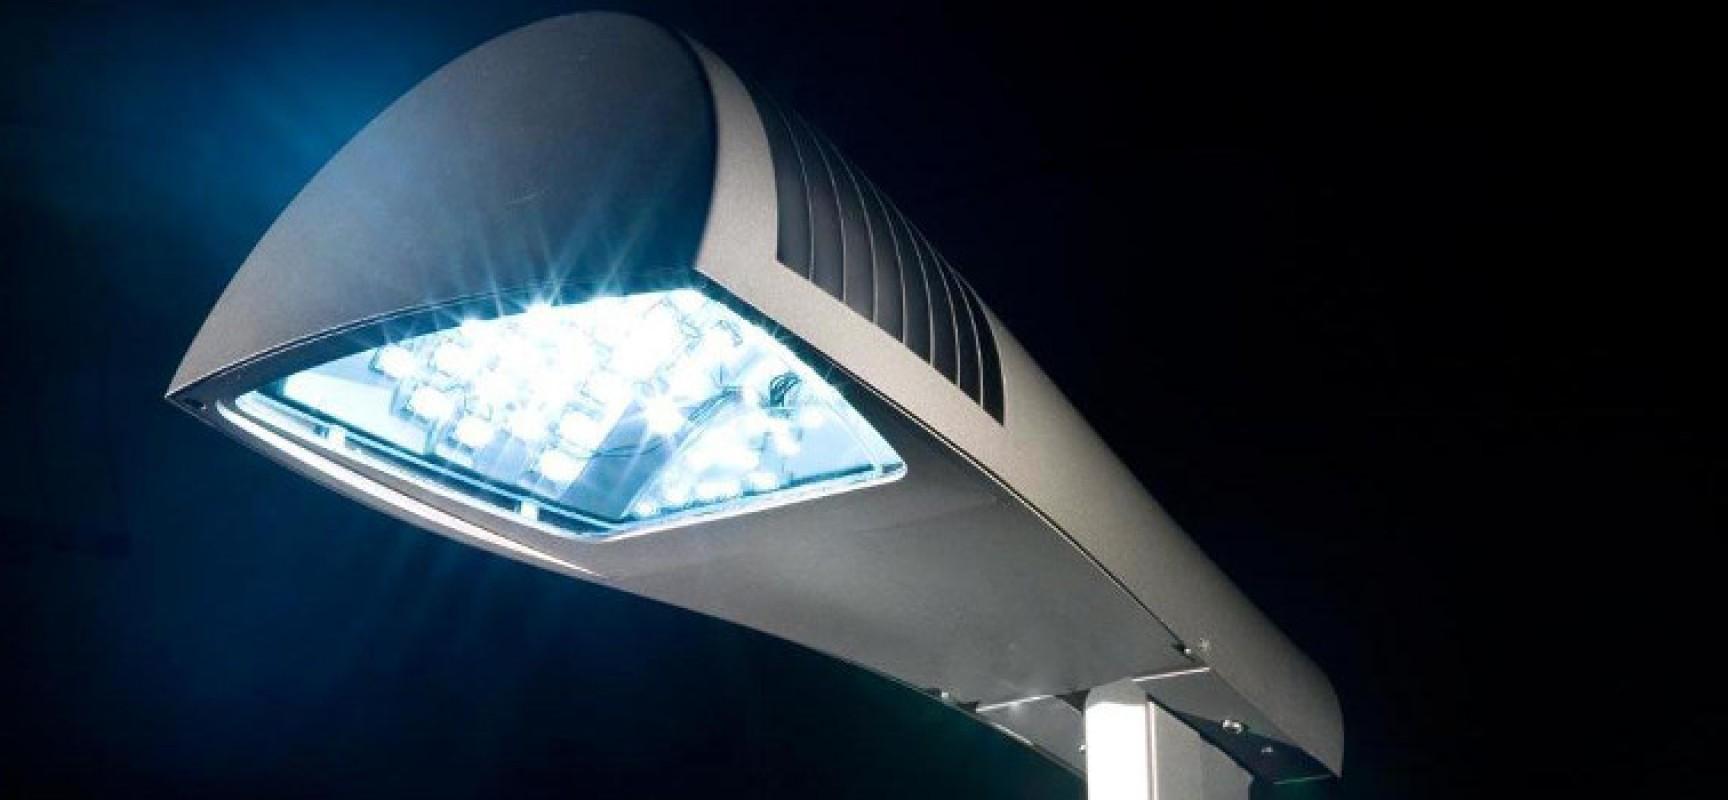 Vittoria, finanziamento per migliorare l'illuminazione pubblica